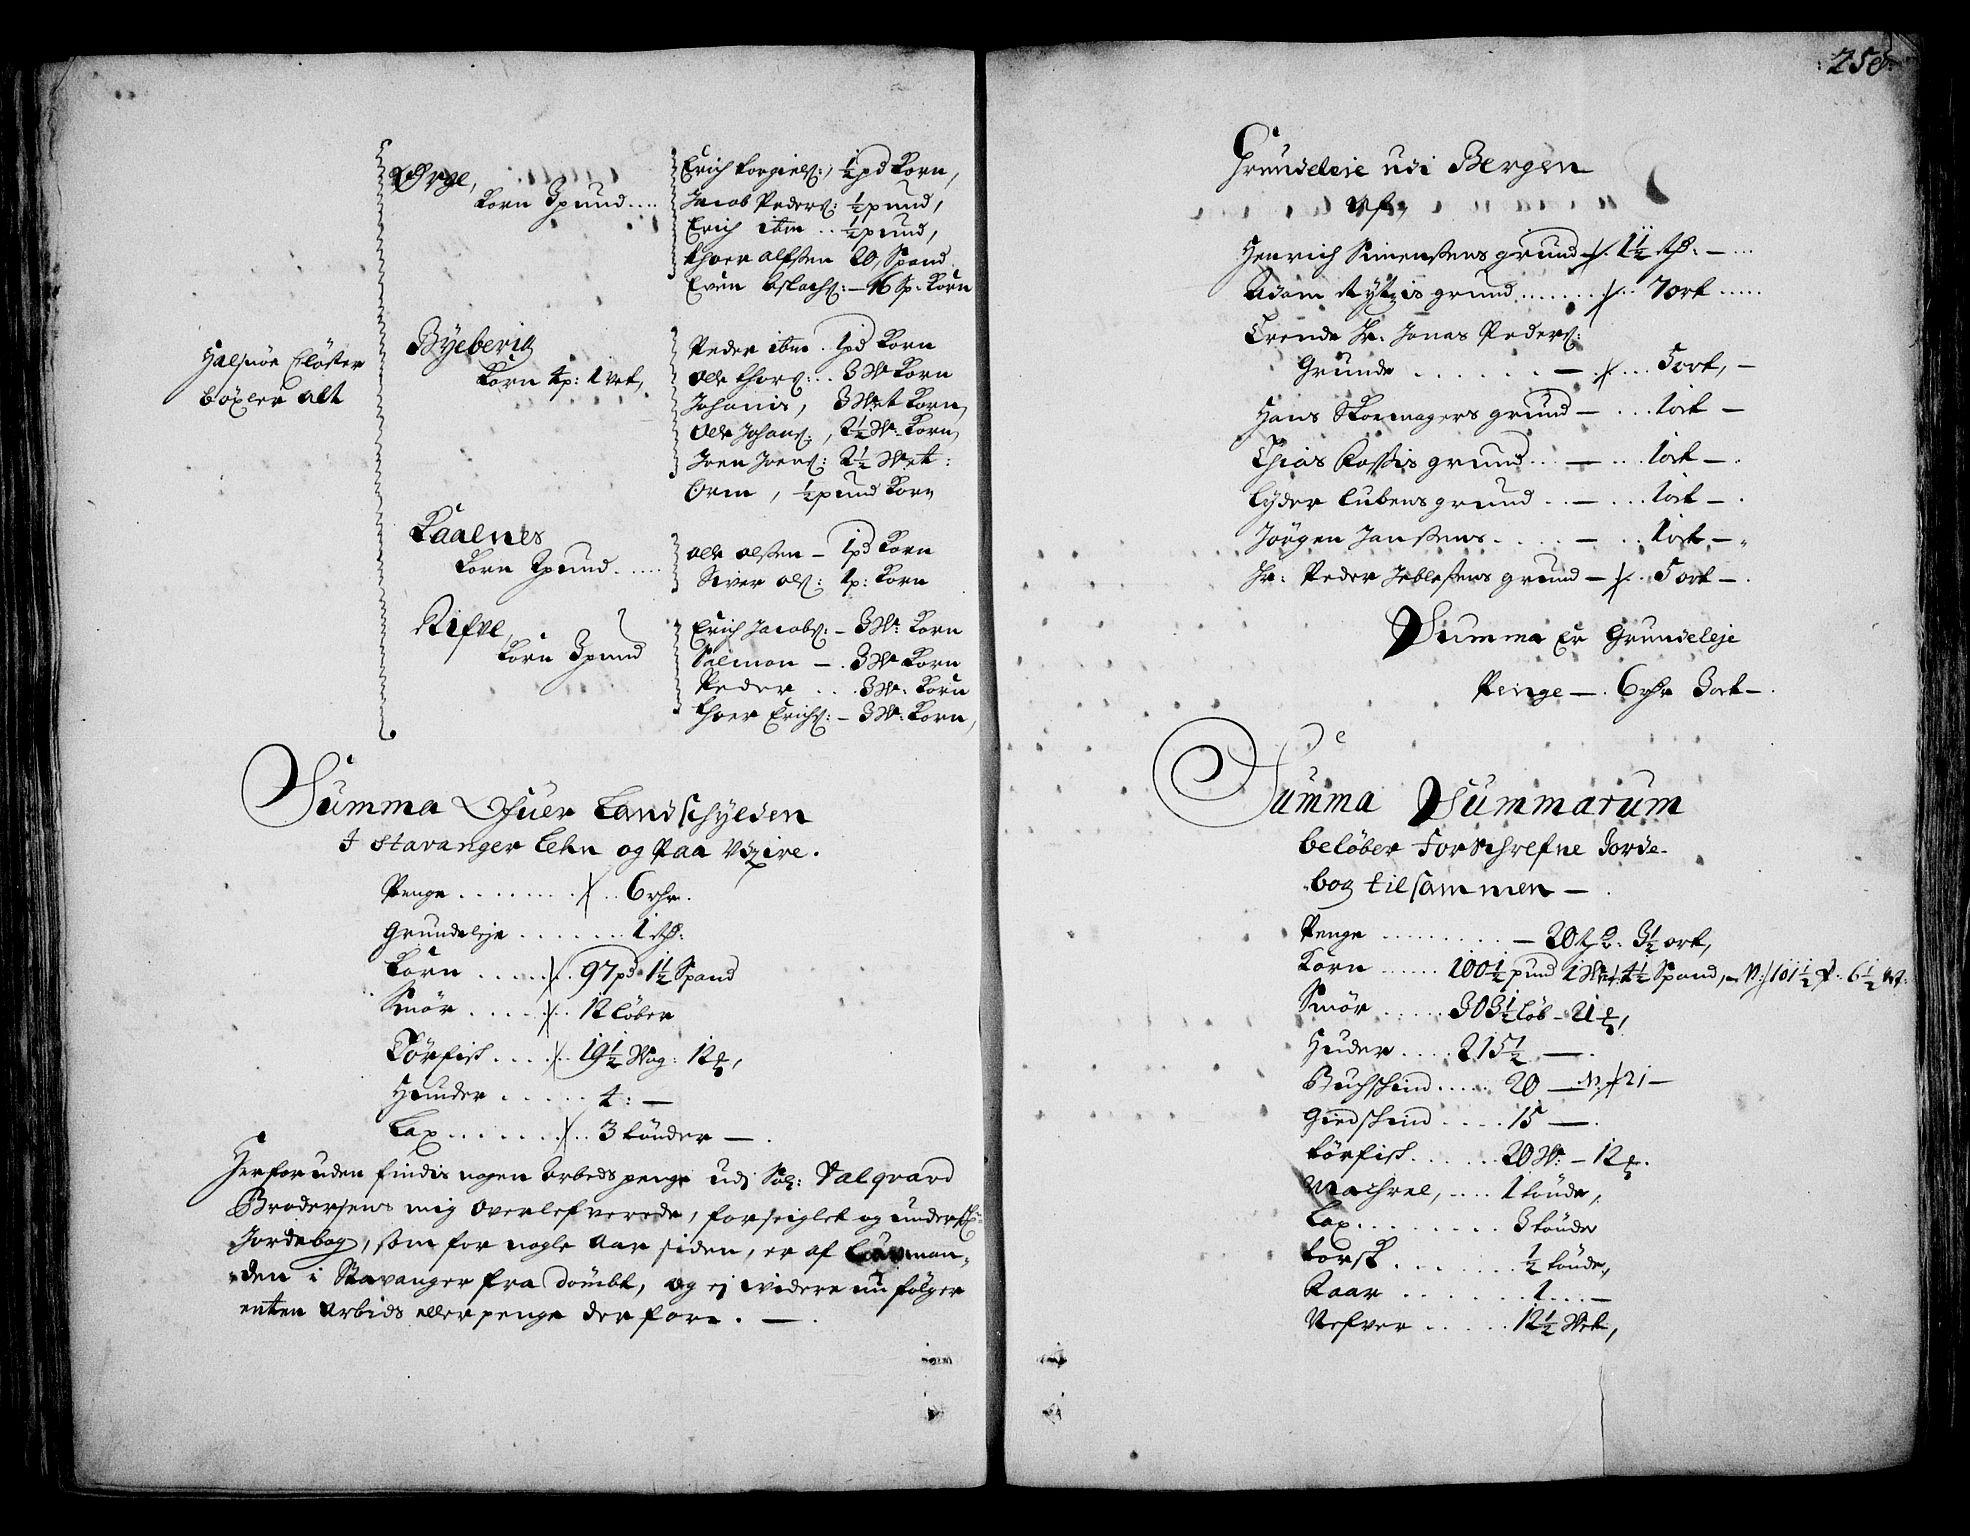 RA, Rentekammeret inntil 1814, Realistisk ordnet avdeling, On/L0002: [Jj 3]: Besiktigelsesforretninger over Halsnøy klosters gods, 1659-1703, s. 257b-258a